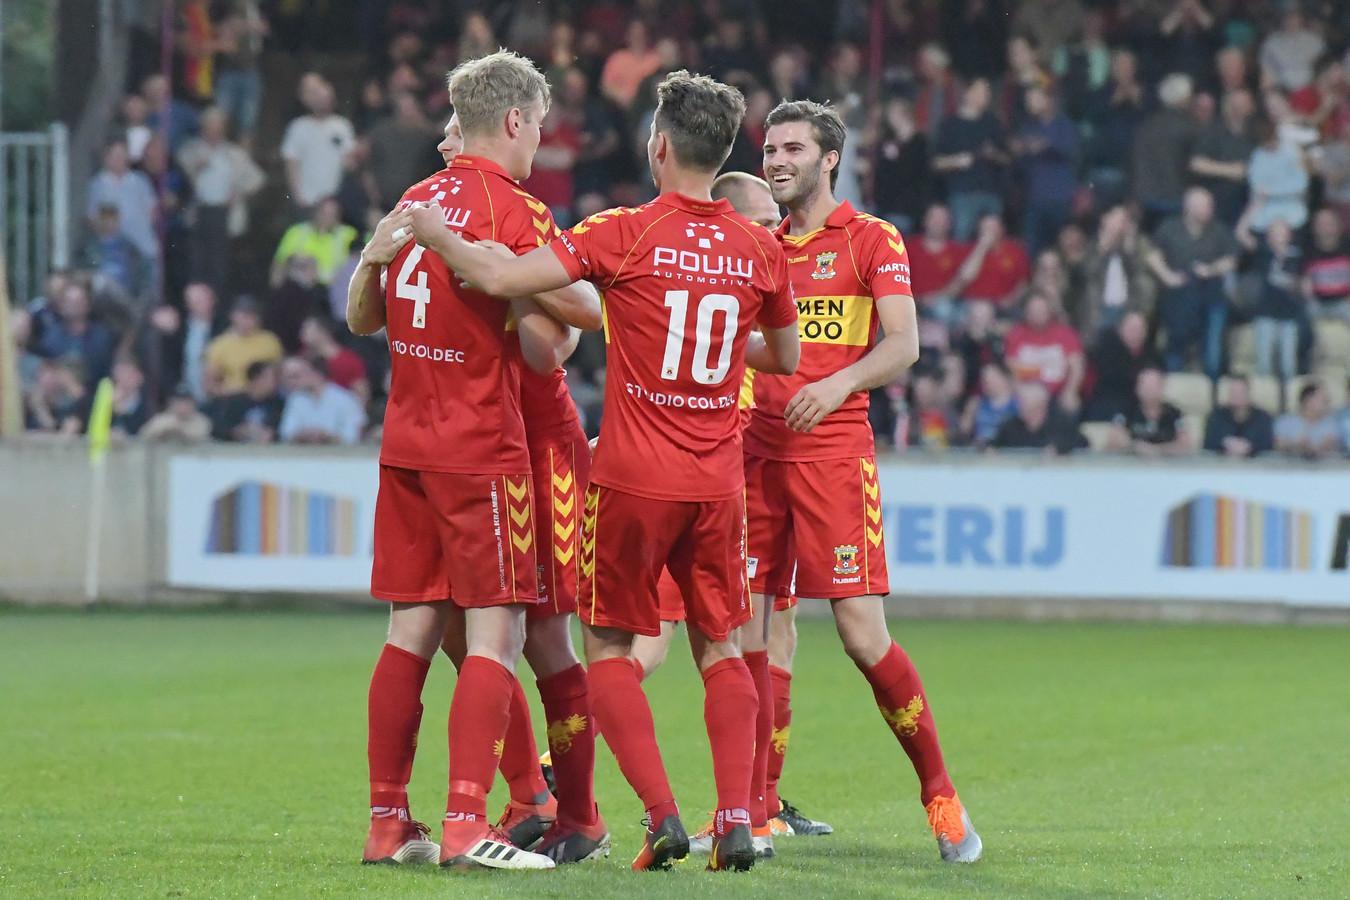 Jeroen Veldmate (4) wordt bejubeld na zijn doelpunt door Paco van Moorsel (10), Gino Bosz